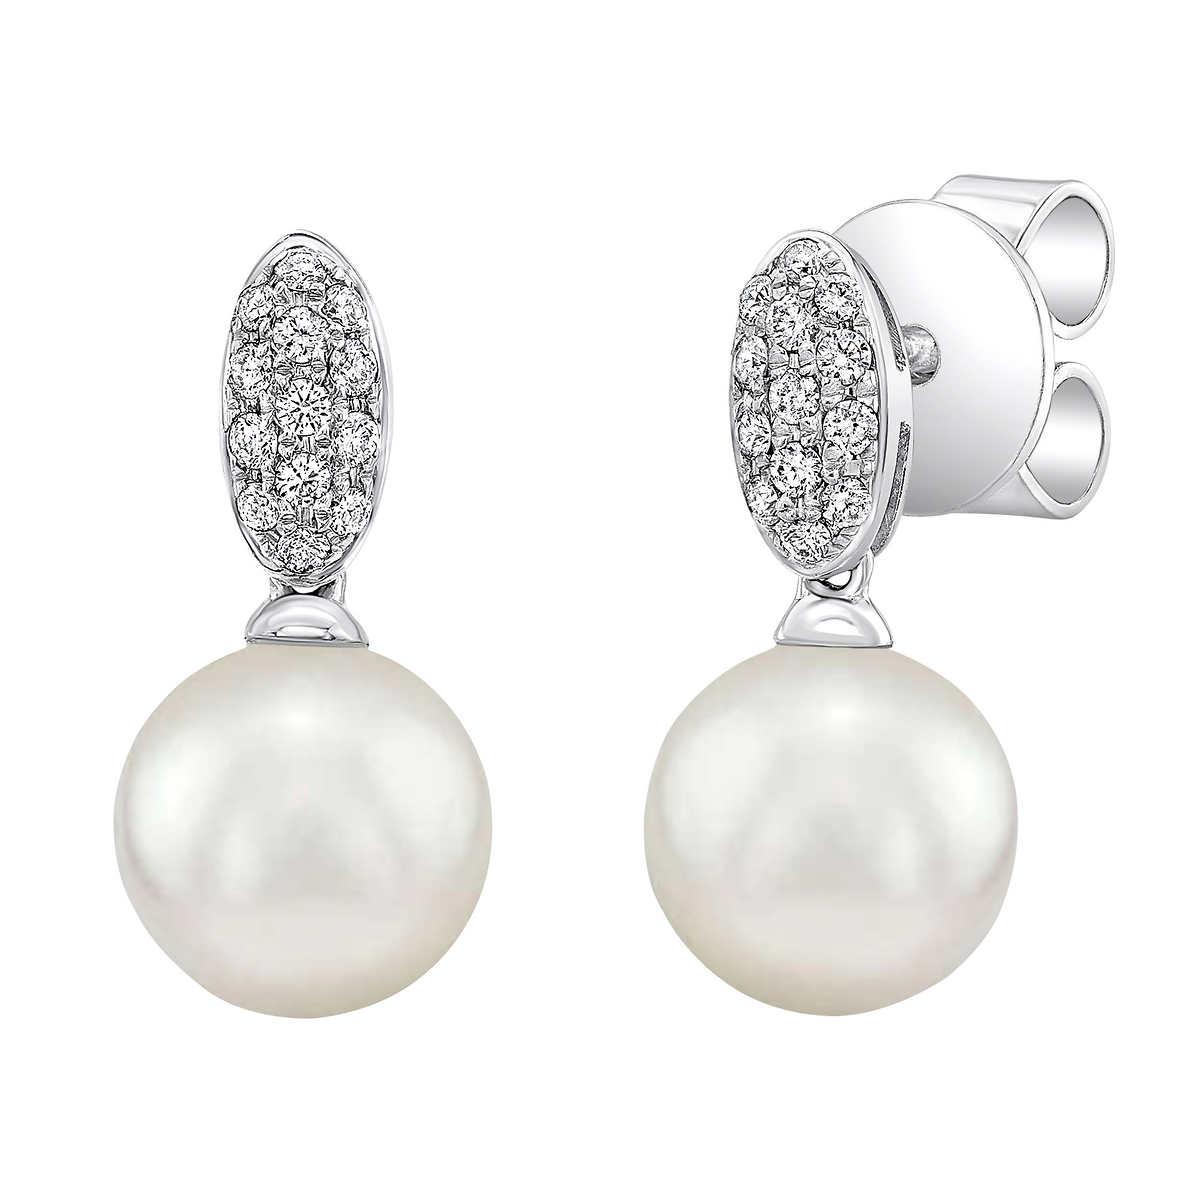 Akoya 657mm Pearl & Diamond 14kt White Gold Earrings